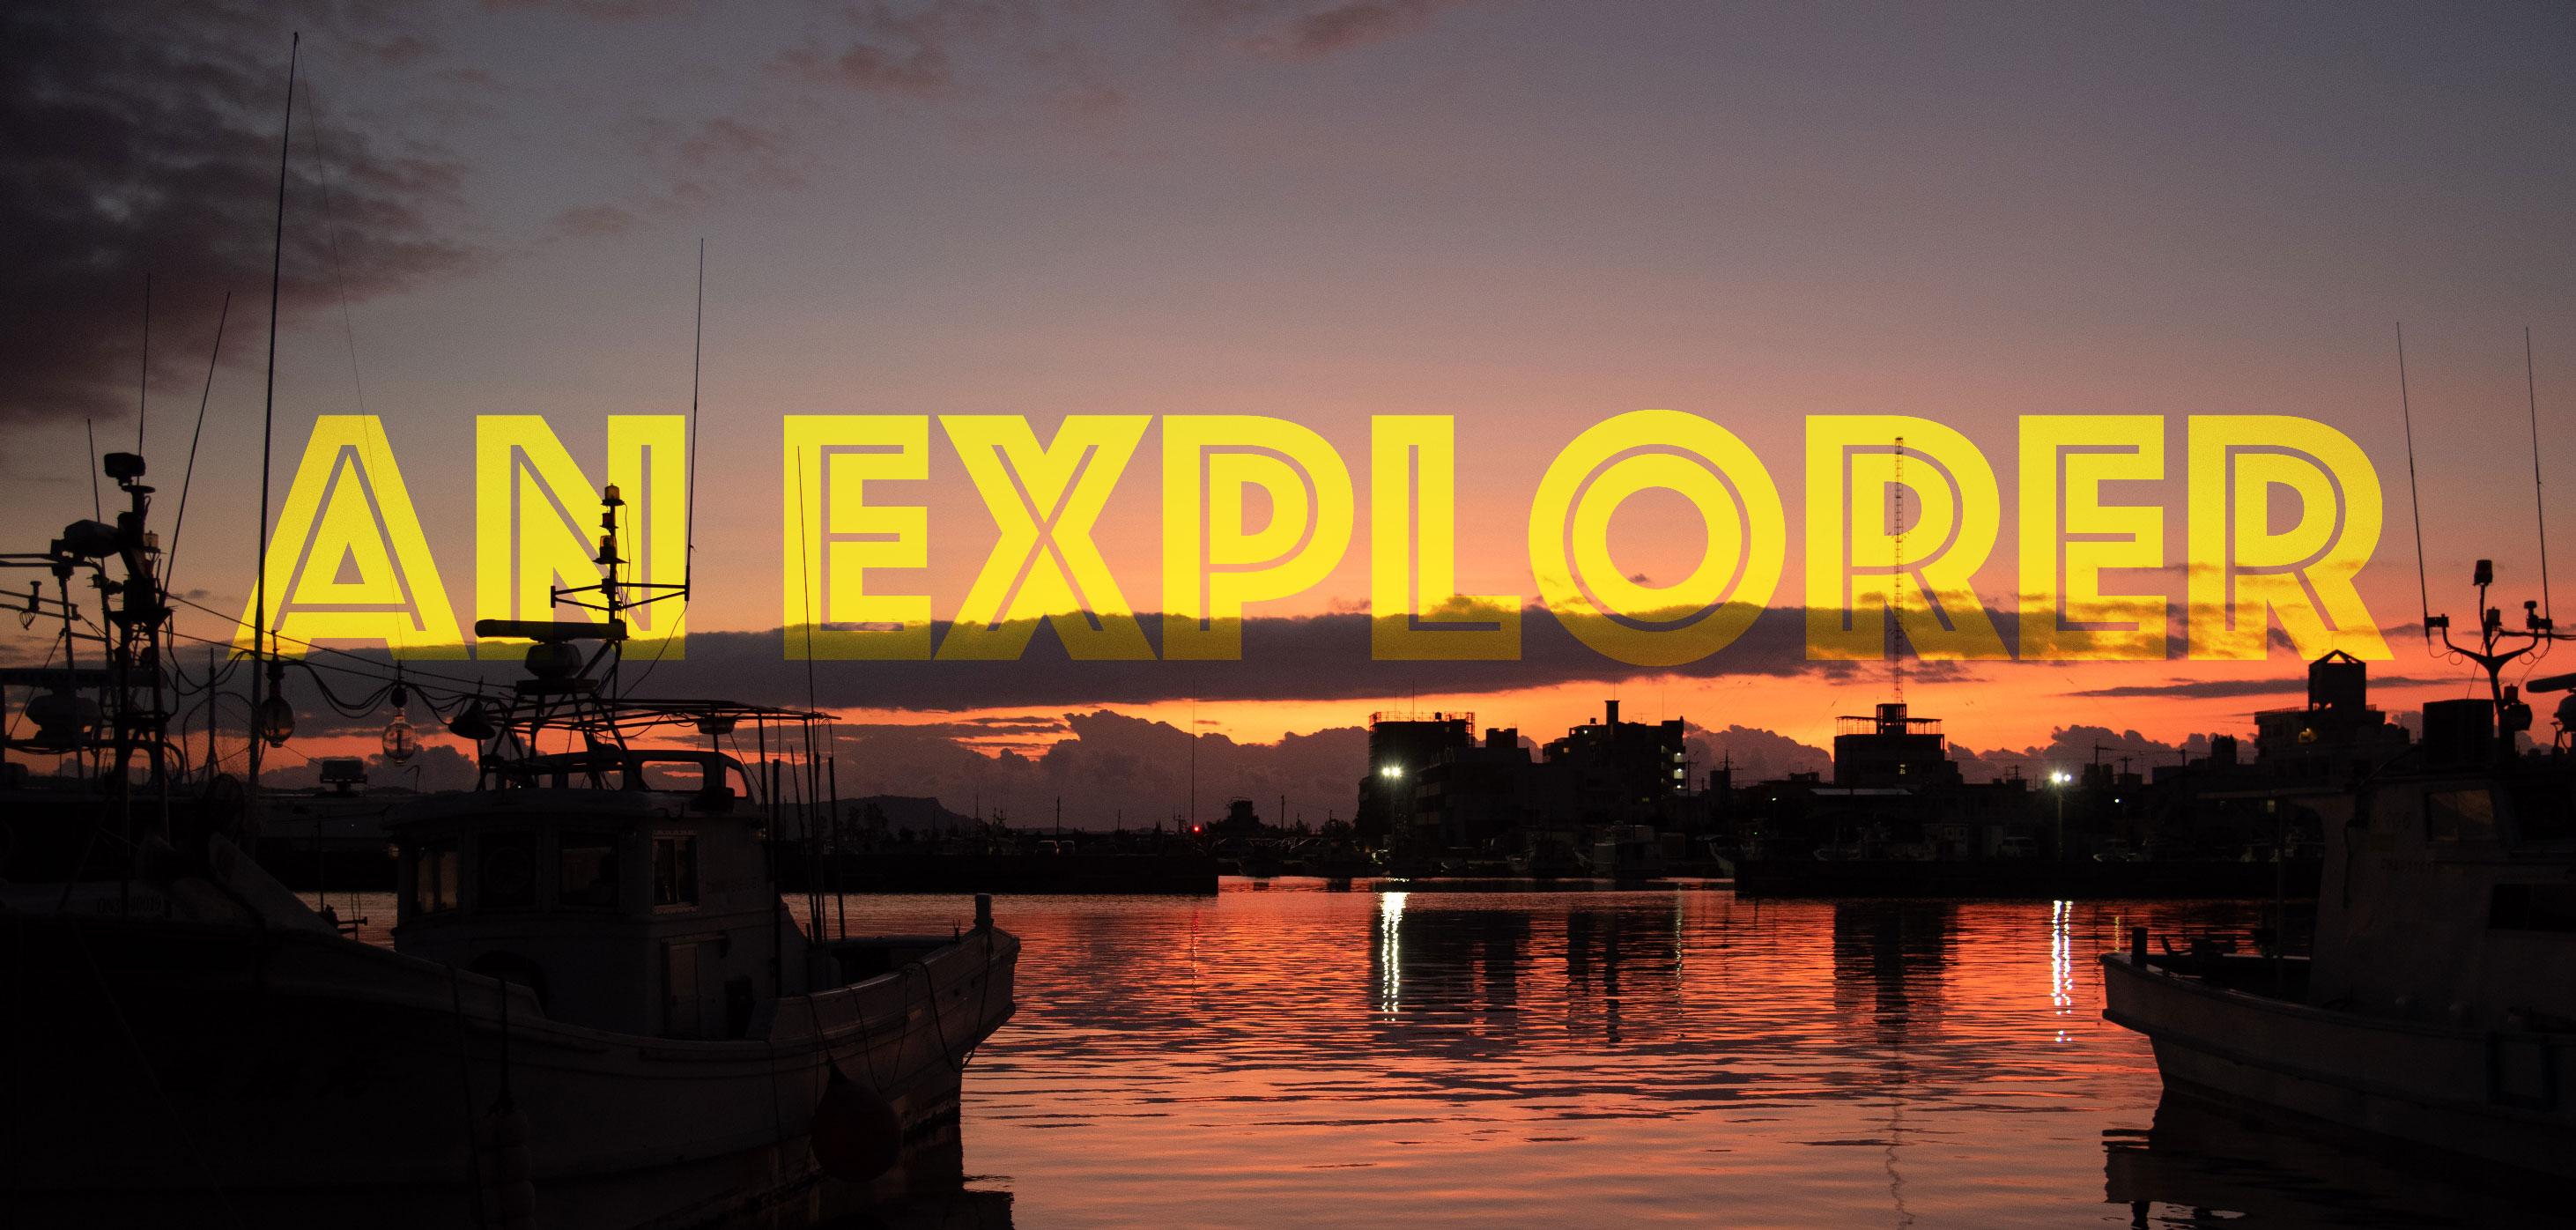 an explorer